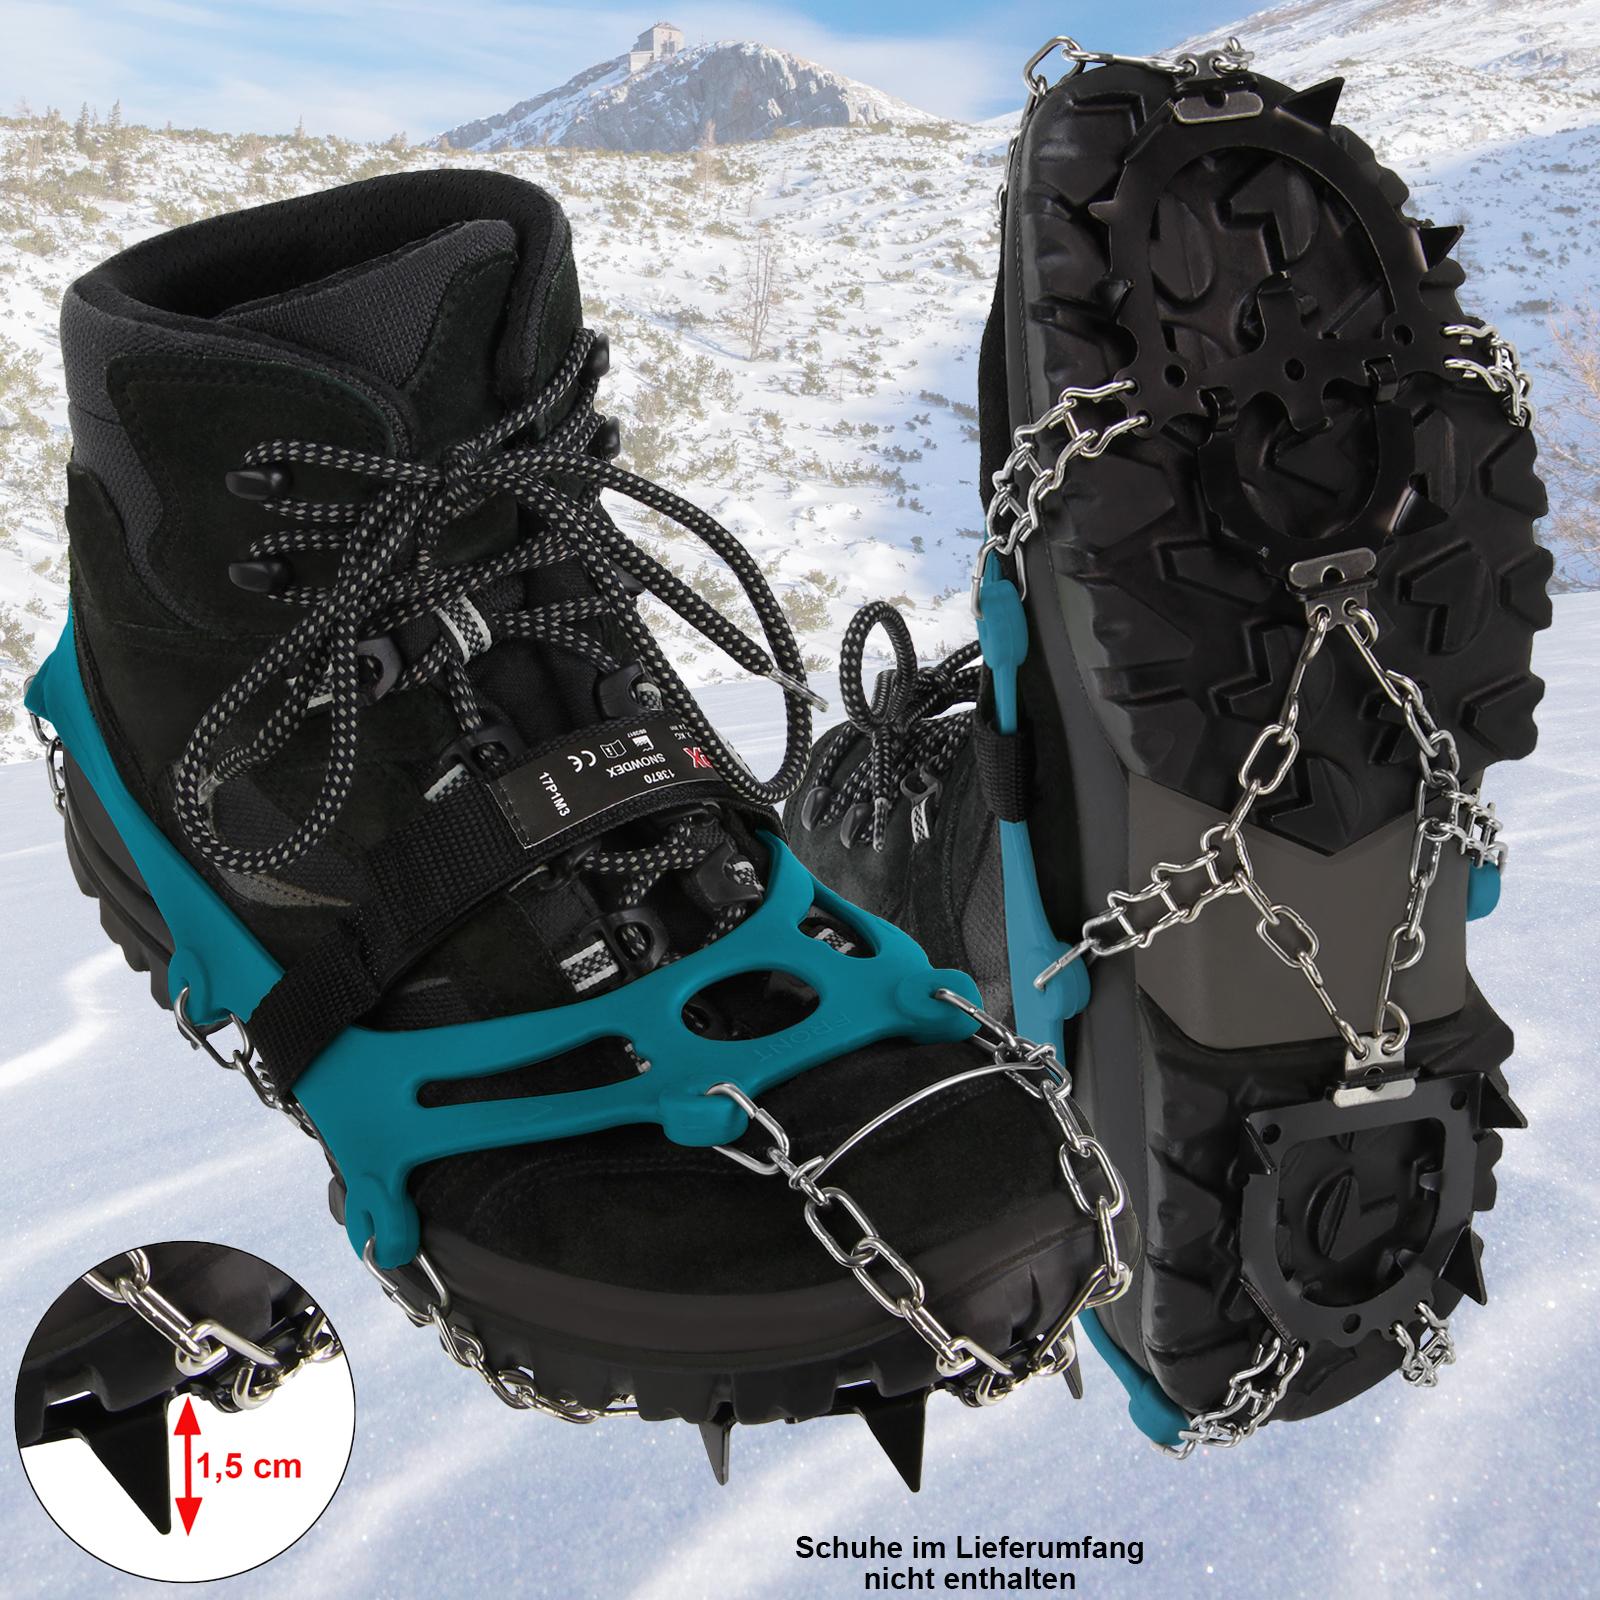 on sale 7ce14 46da6 ALPIDEX Schuh Spikes Grödel Schneeketten für Schuhe in verschiedenen Größen